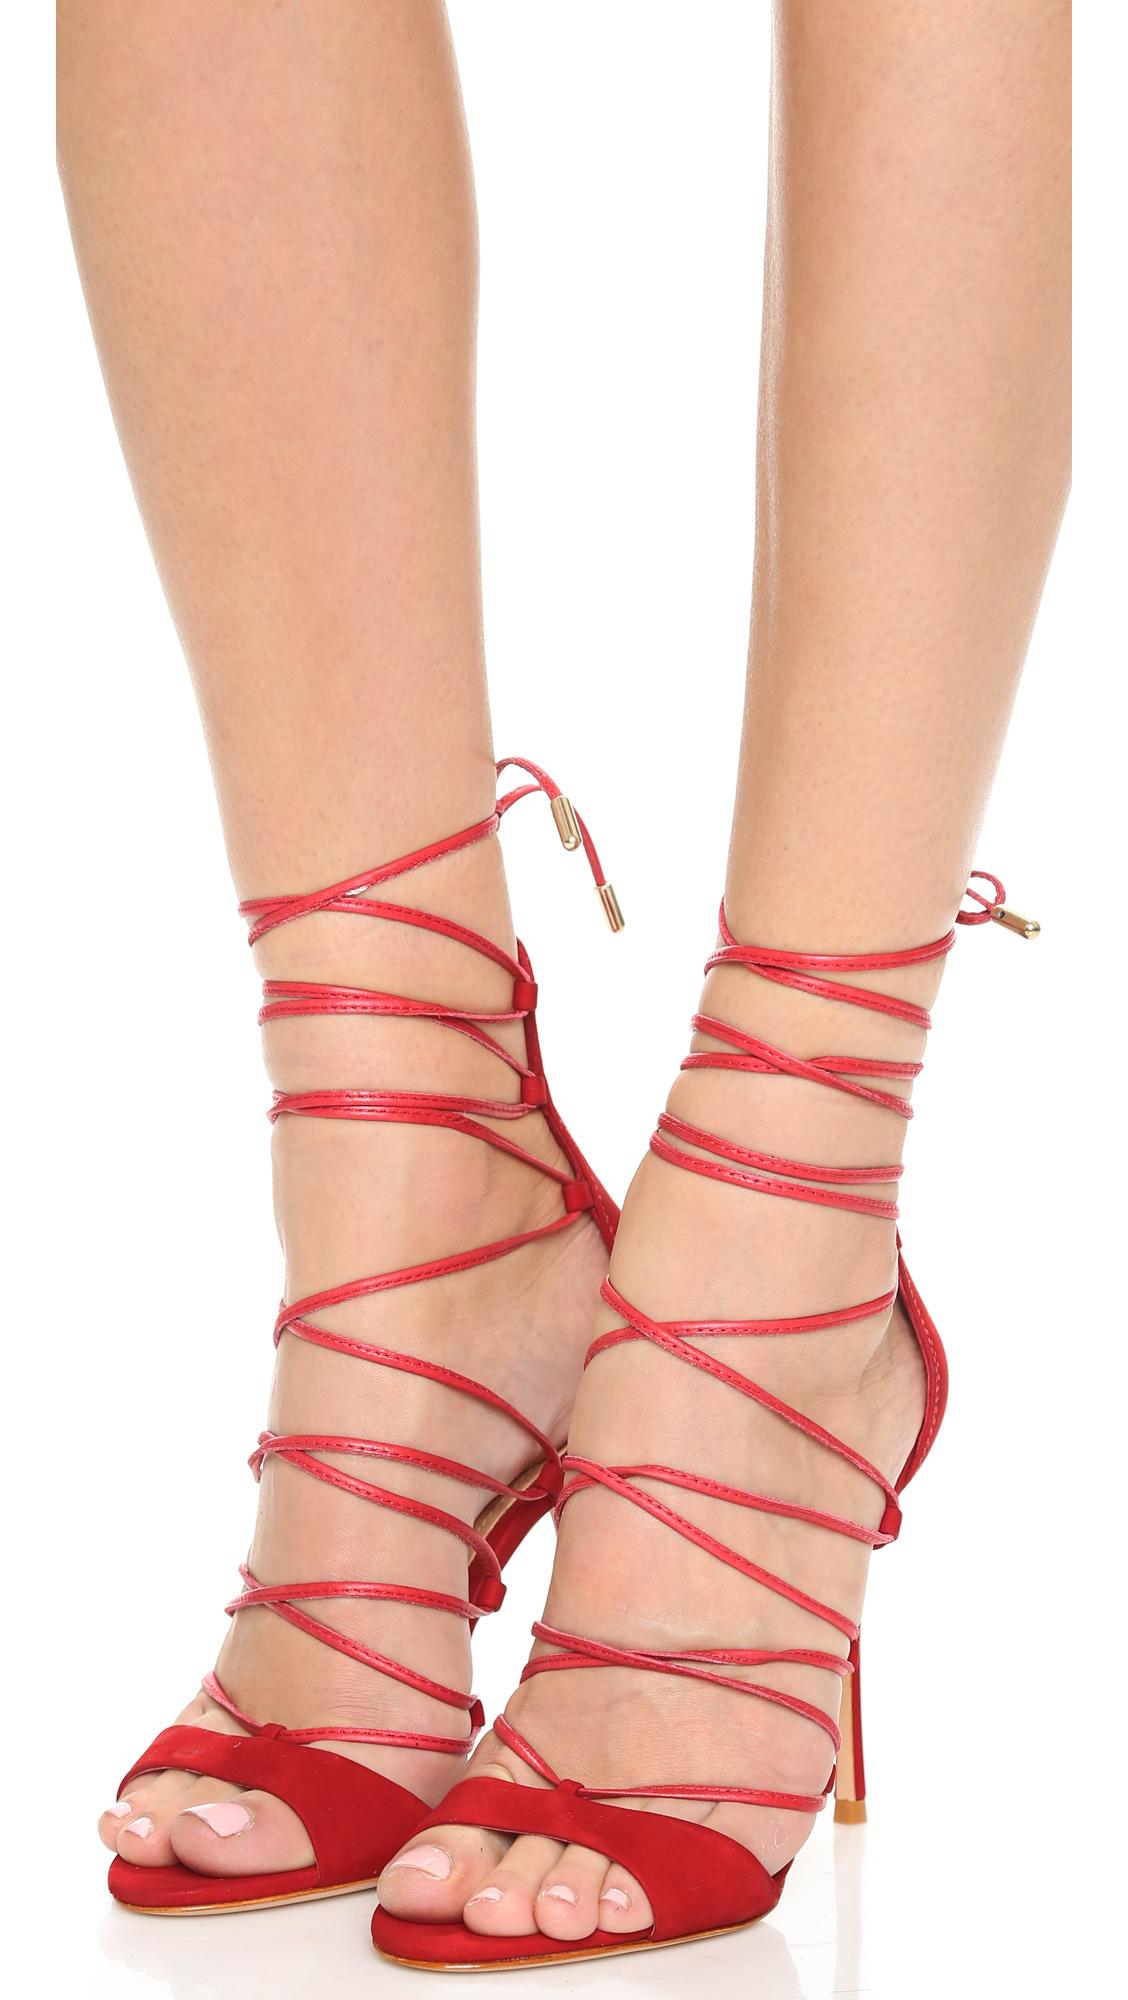 Schutz Lace Up Heels - Is Heel